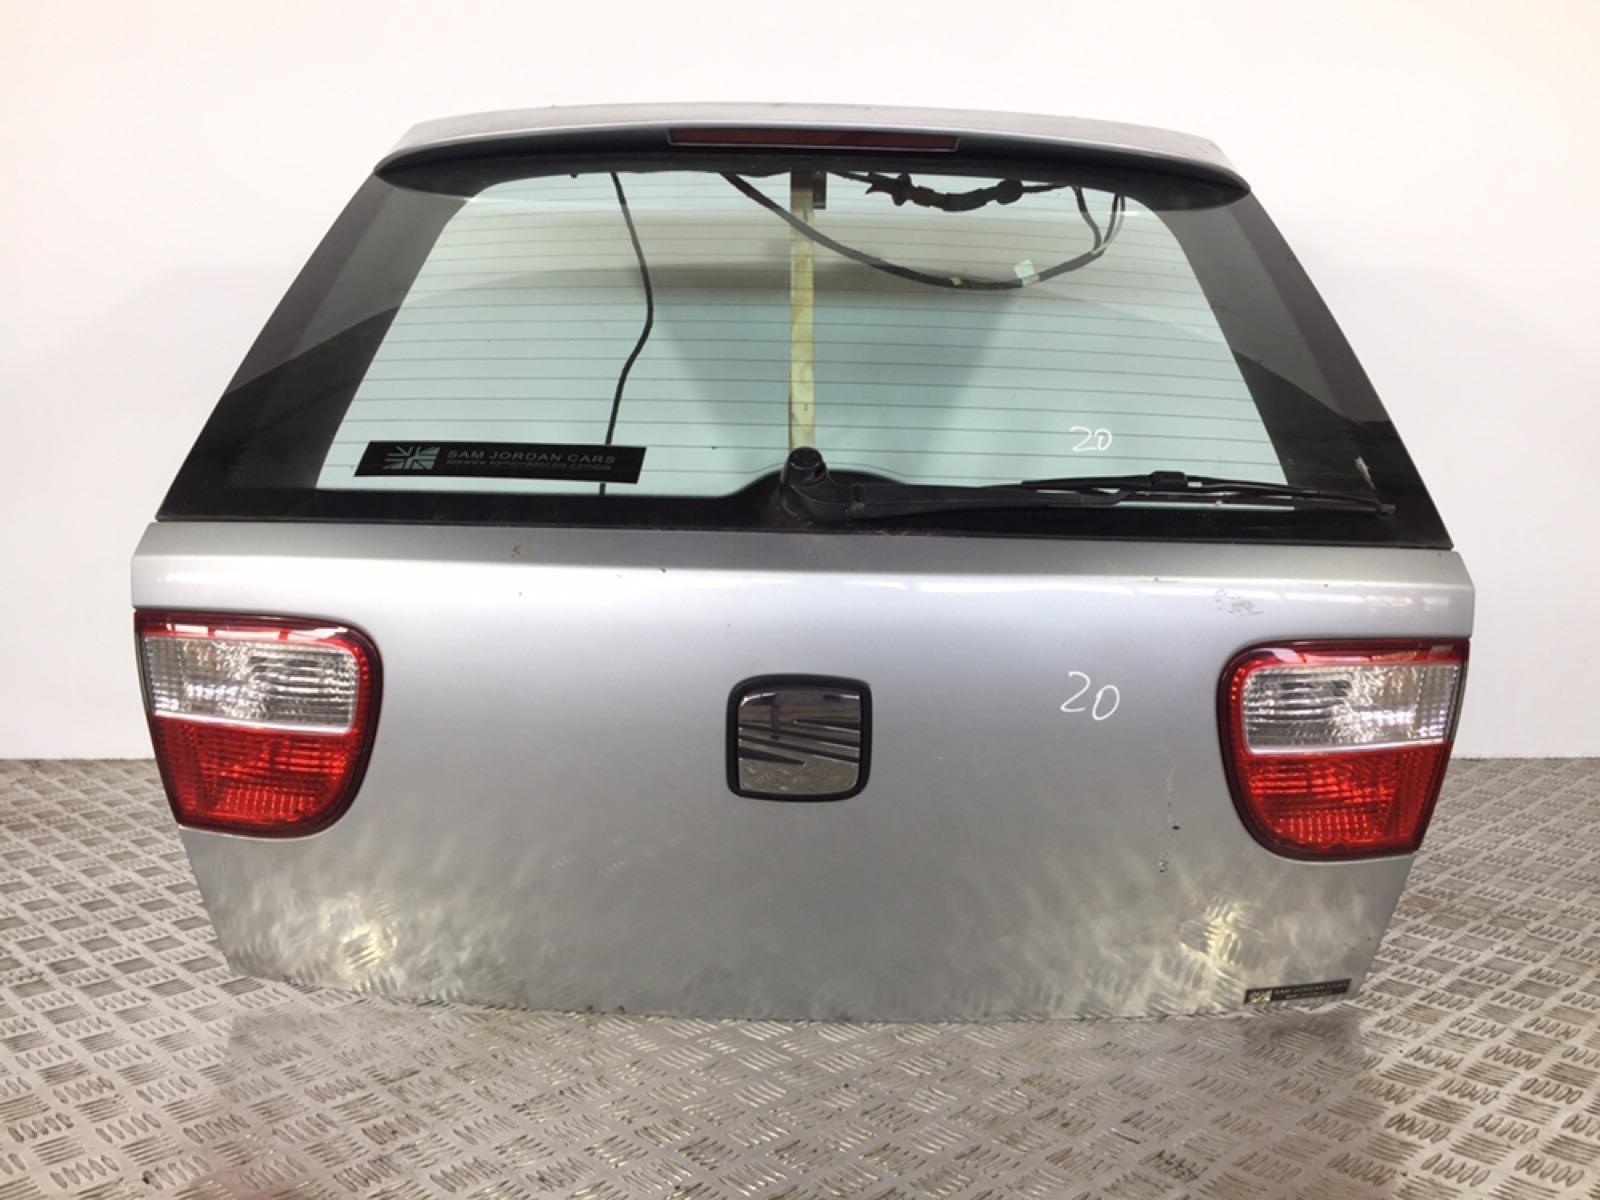 Моторчик заднего стеклоочистителя (дворника) Seat Leon 1.9 TDI 2005 (б/у)